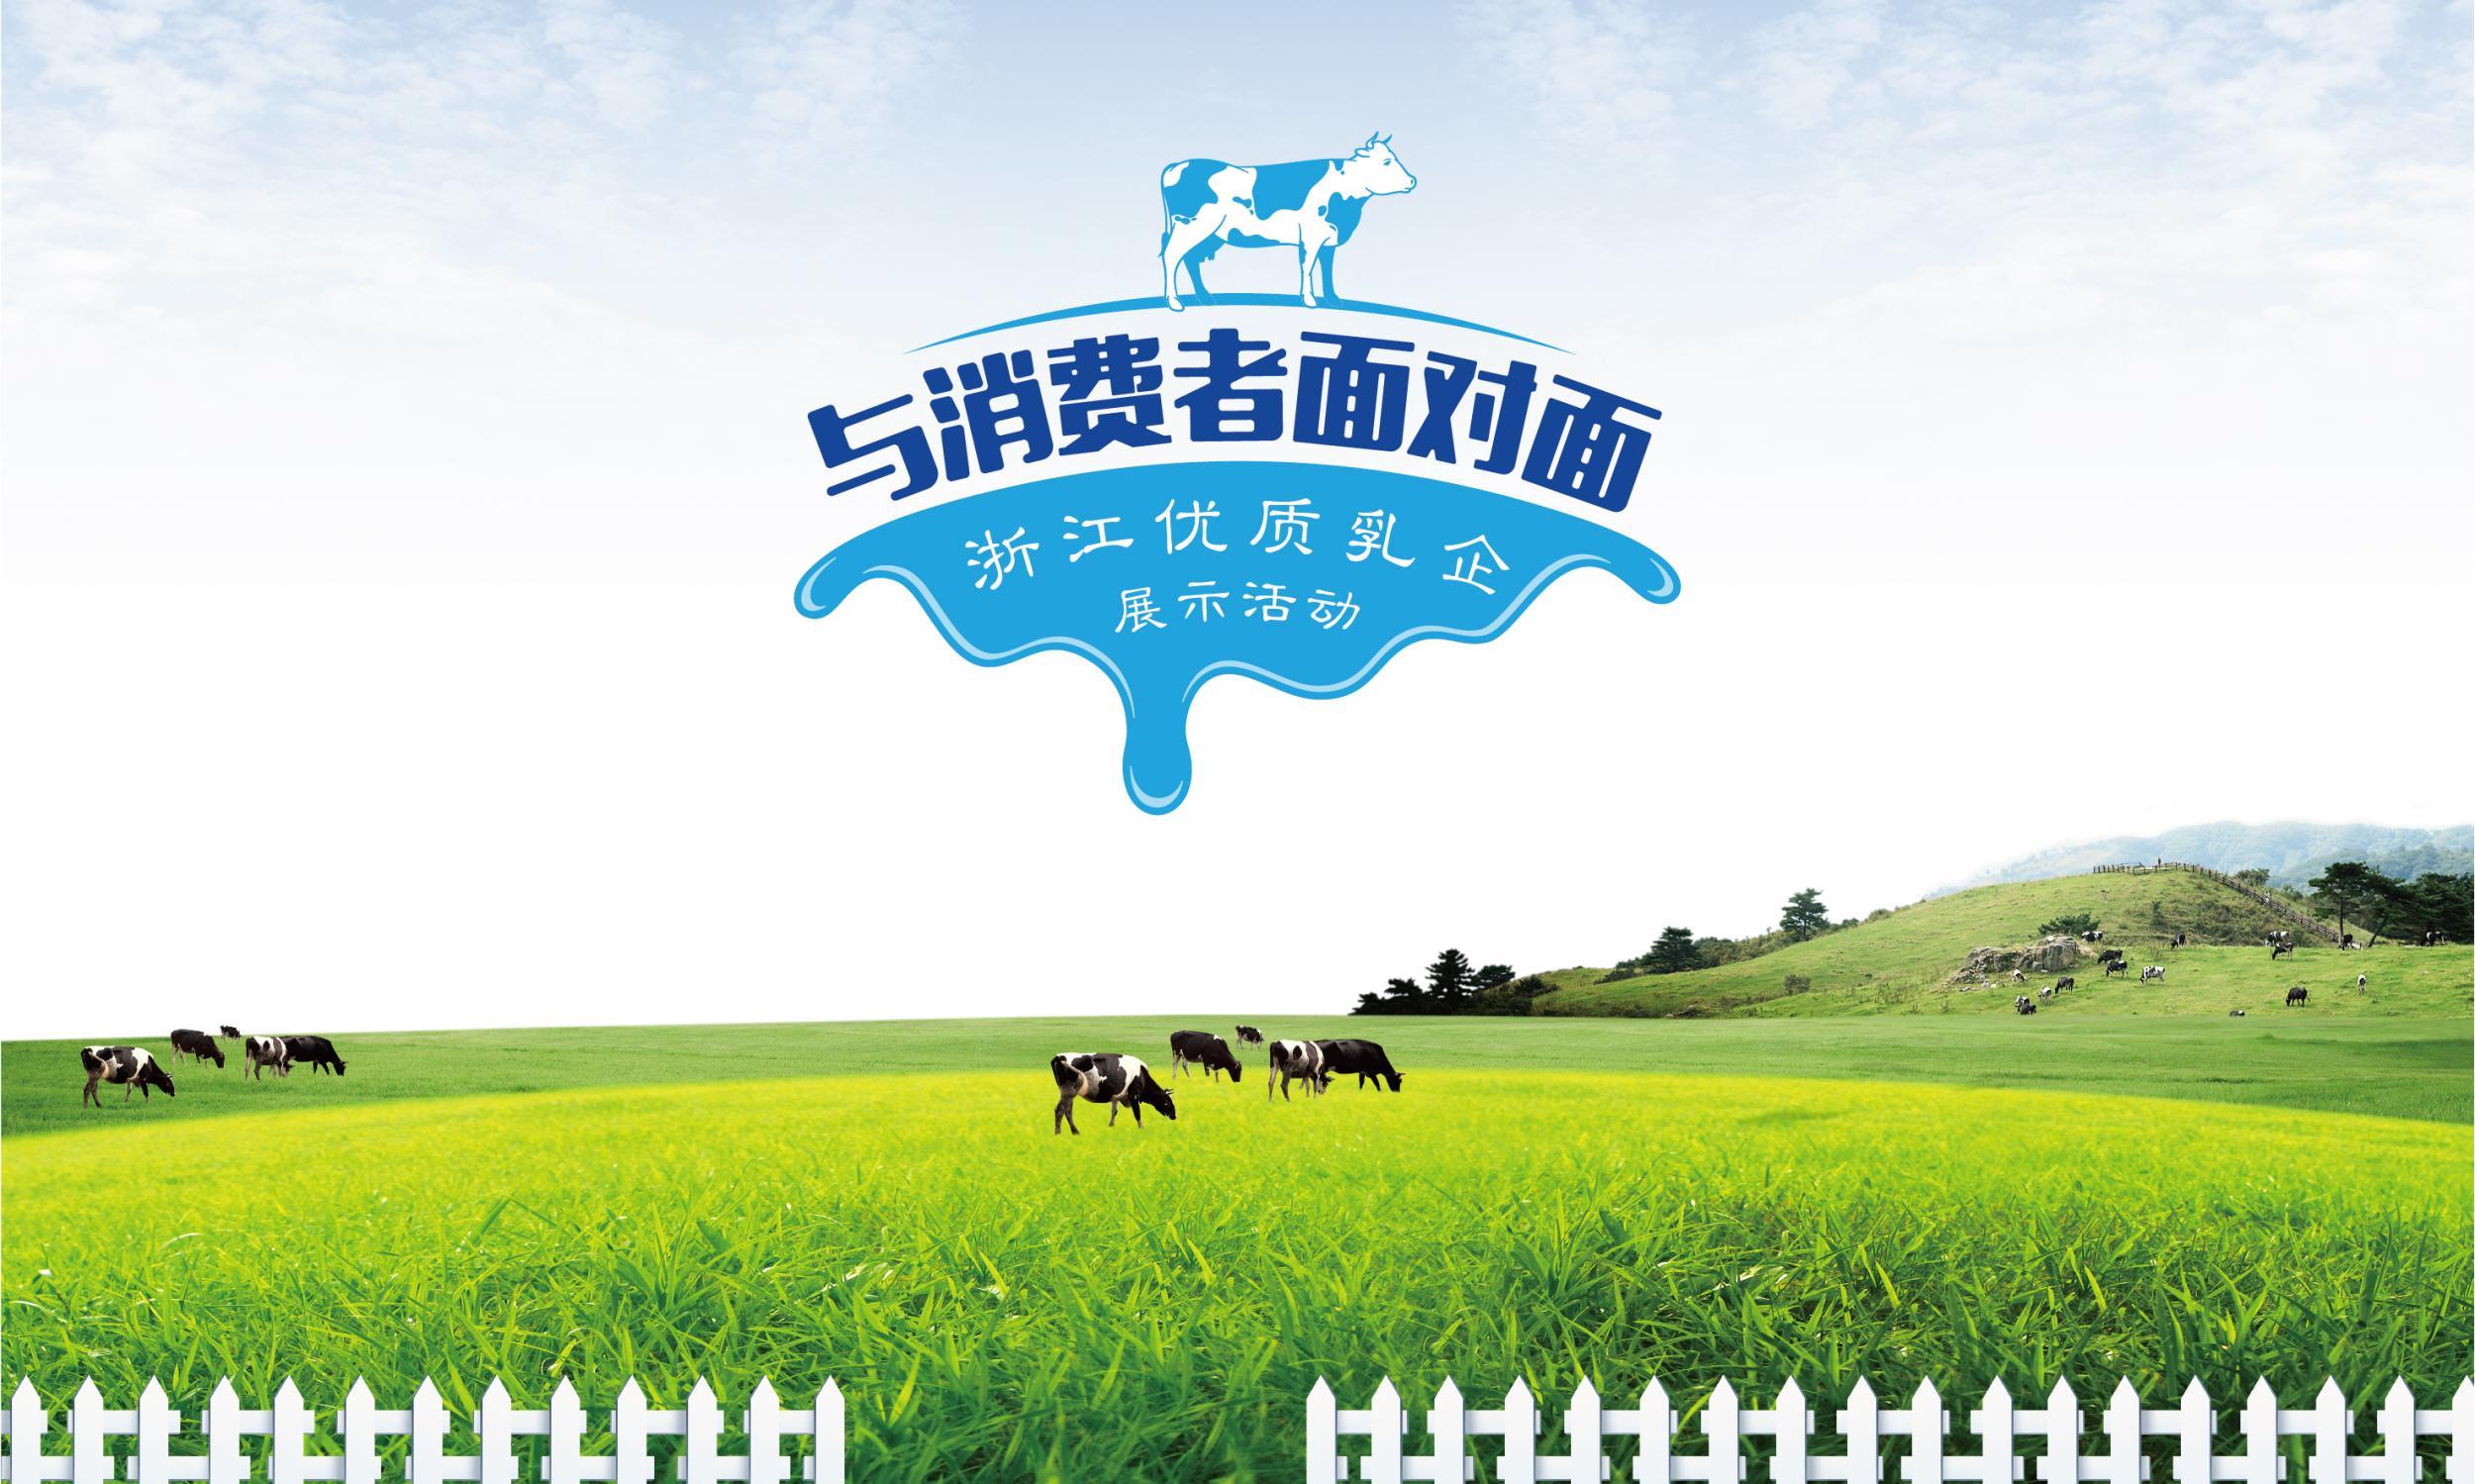 邀您一起品味浙产奶 浙江优质乳企周末将在杭集体亮相